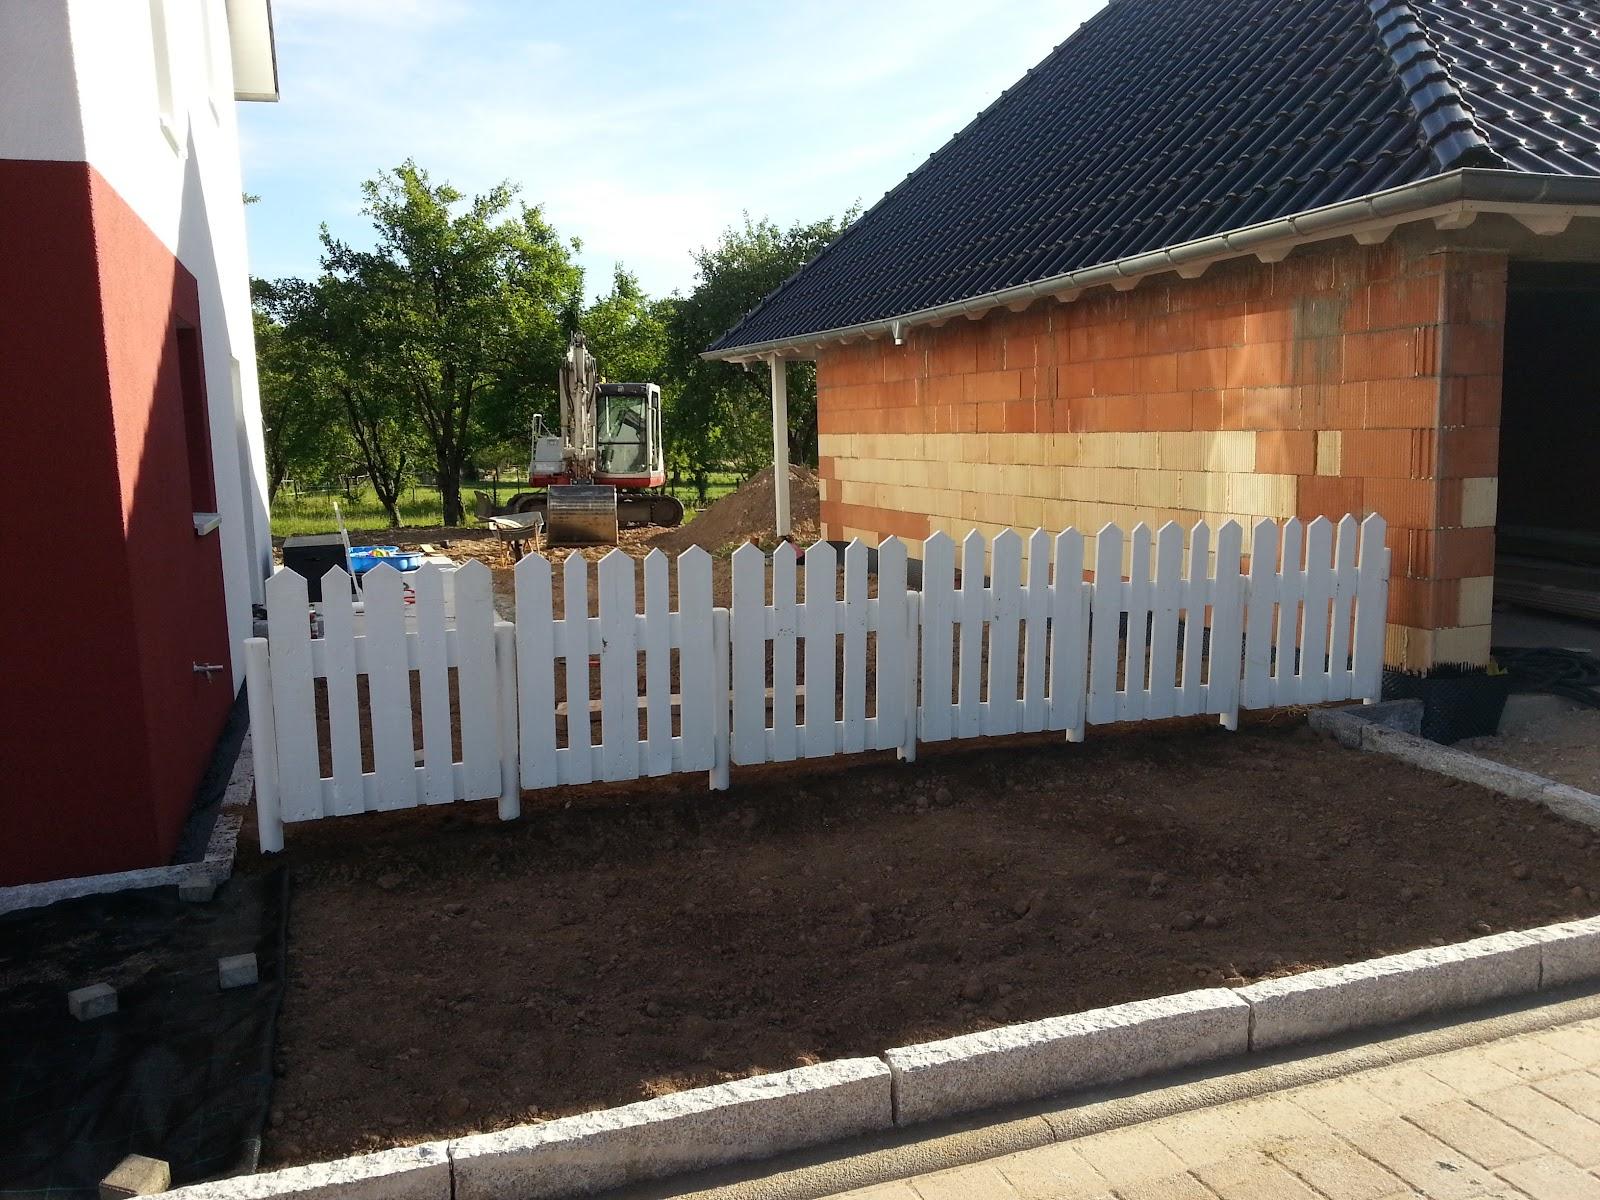 Zaun Paletten Unser Paletten Zaun Ist Fertig Gartengestaltung